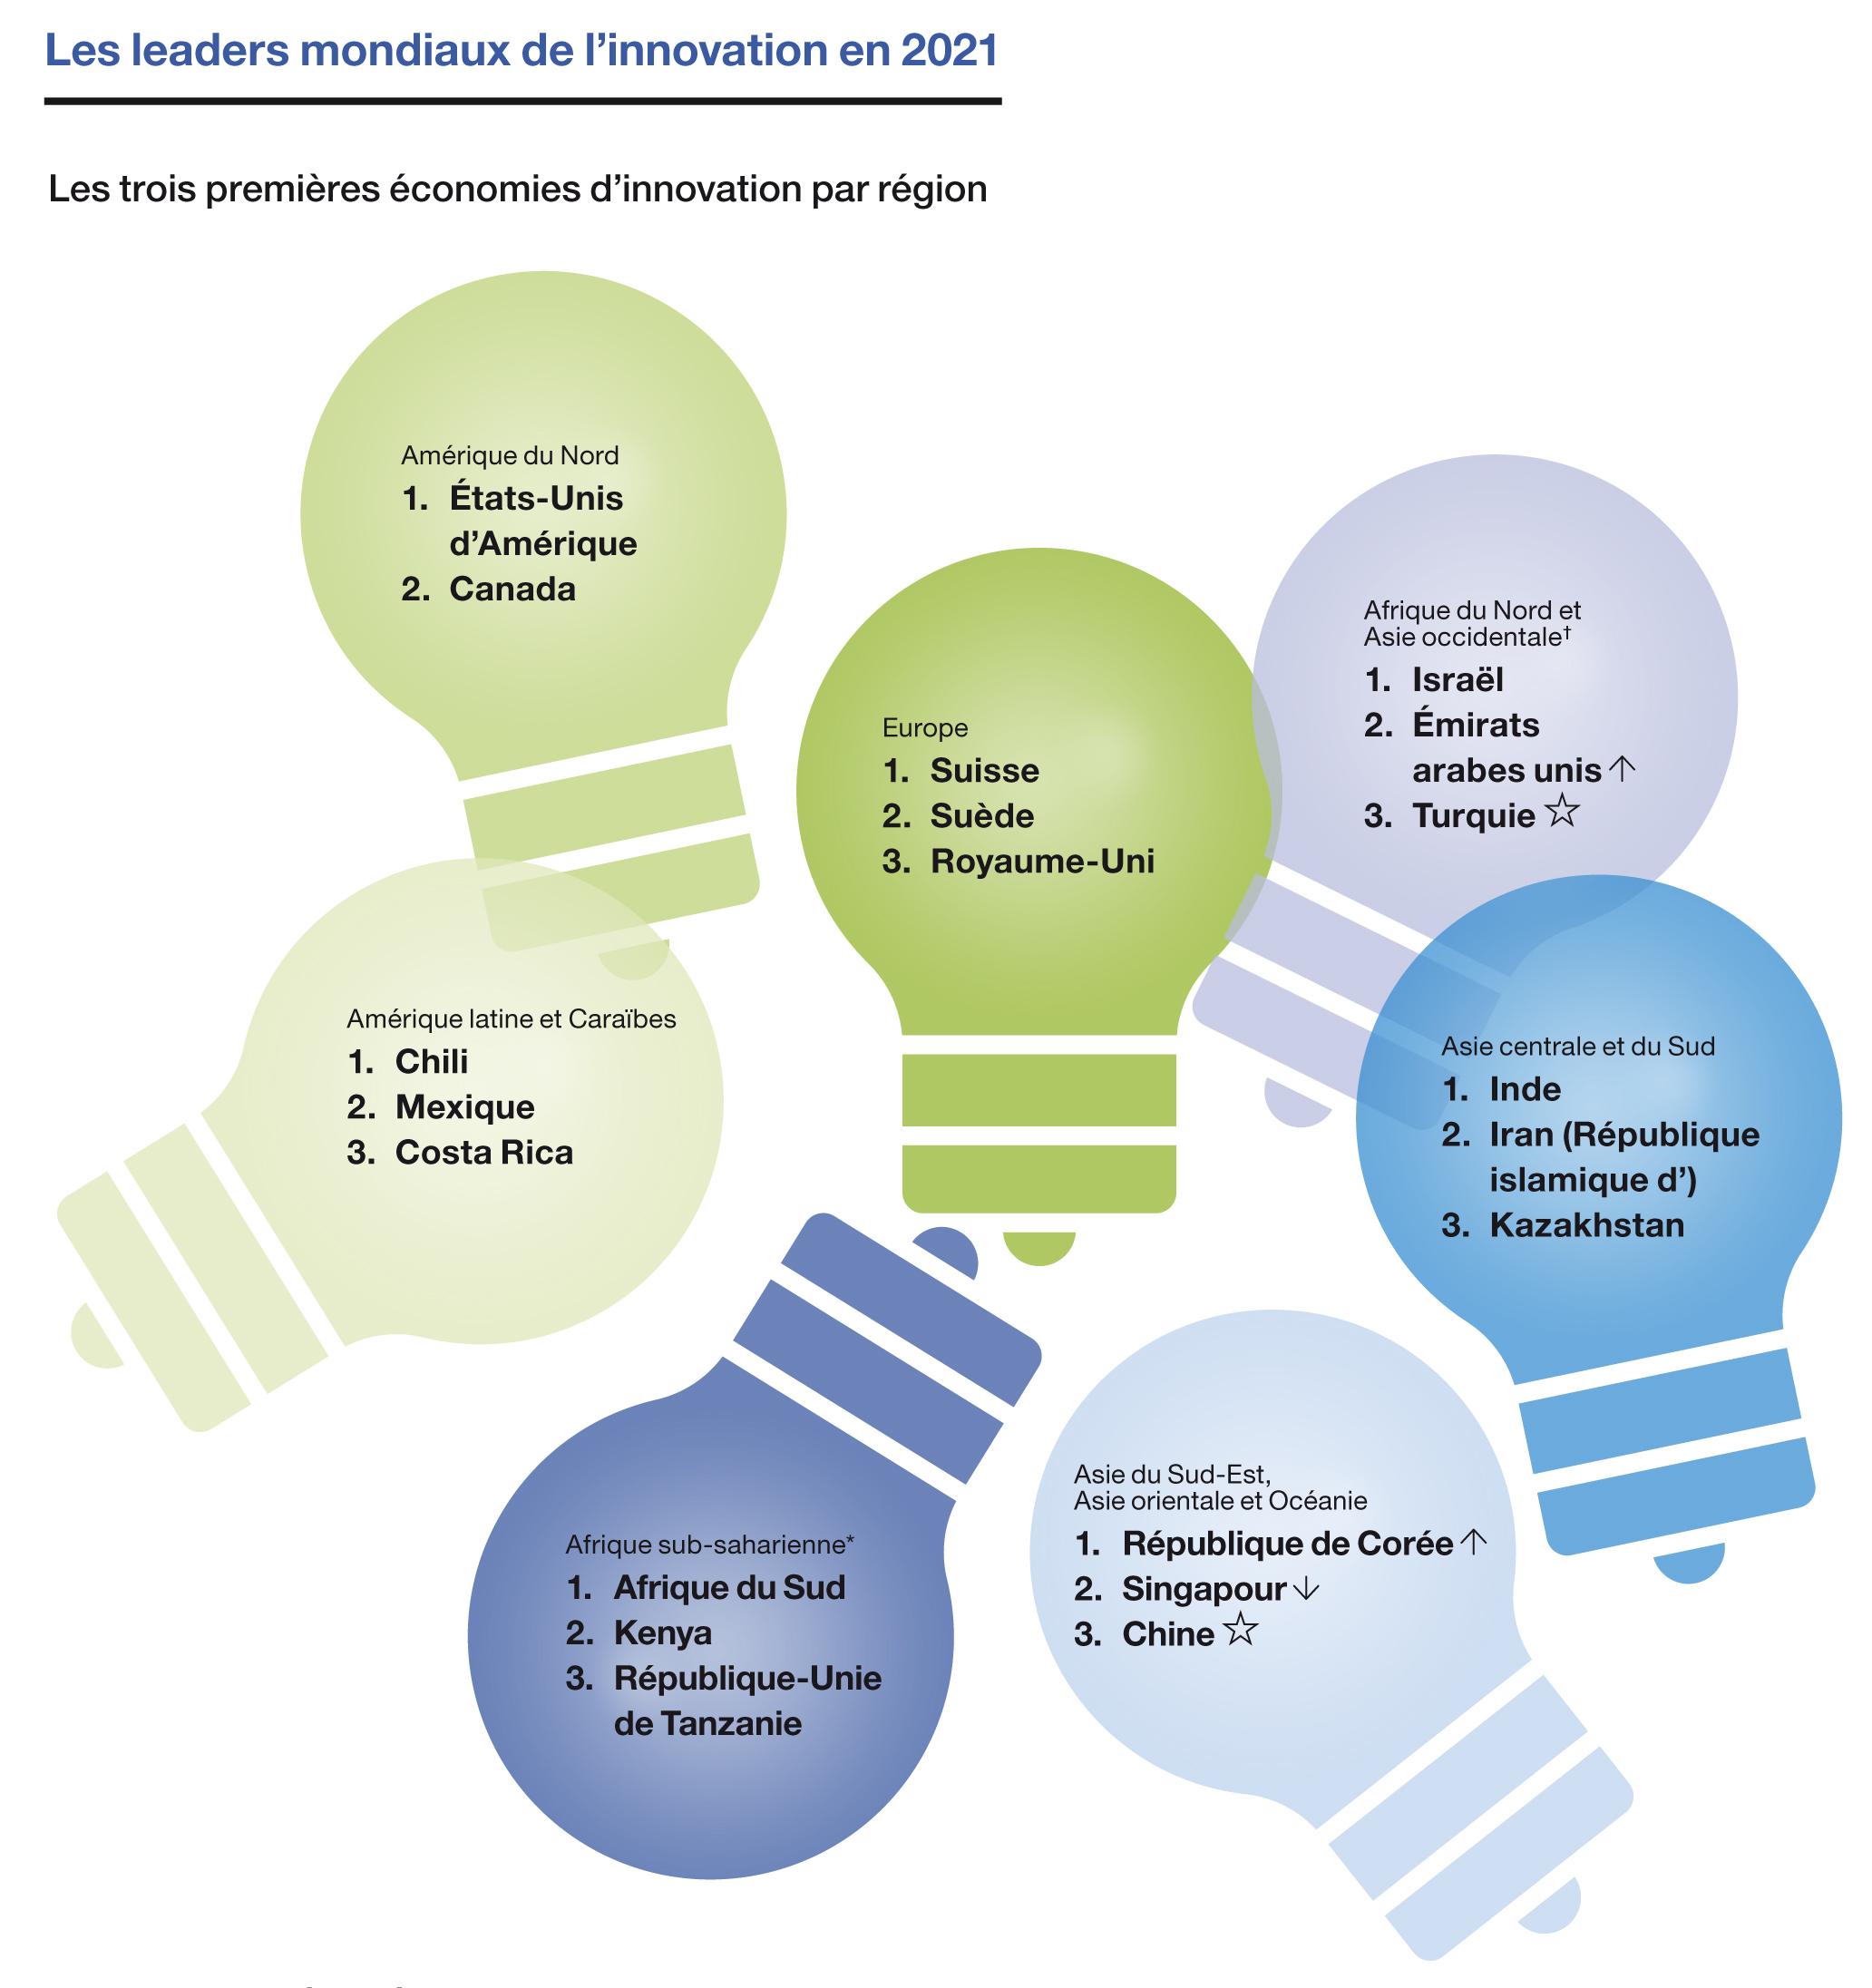 Les leaders mondiaux de l'innovation 2021